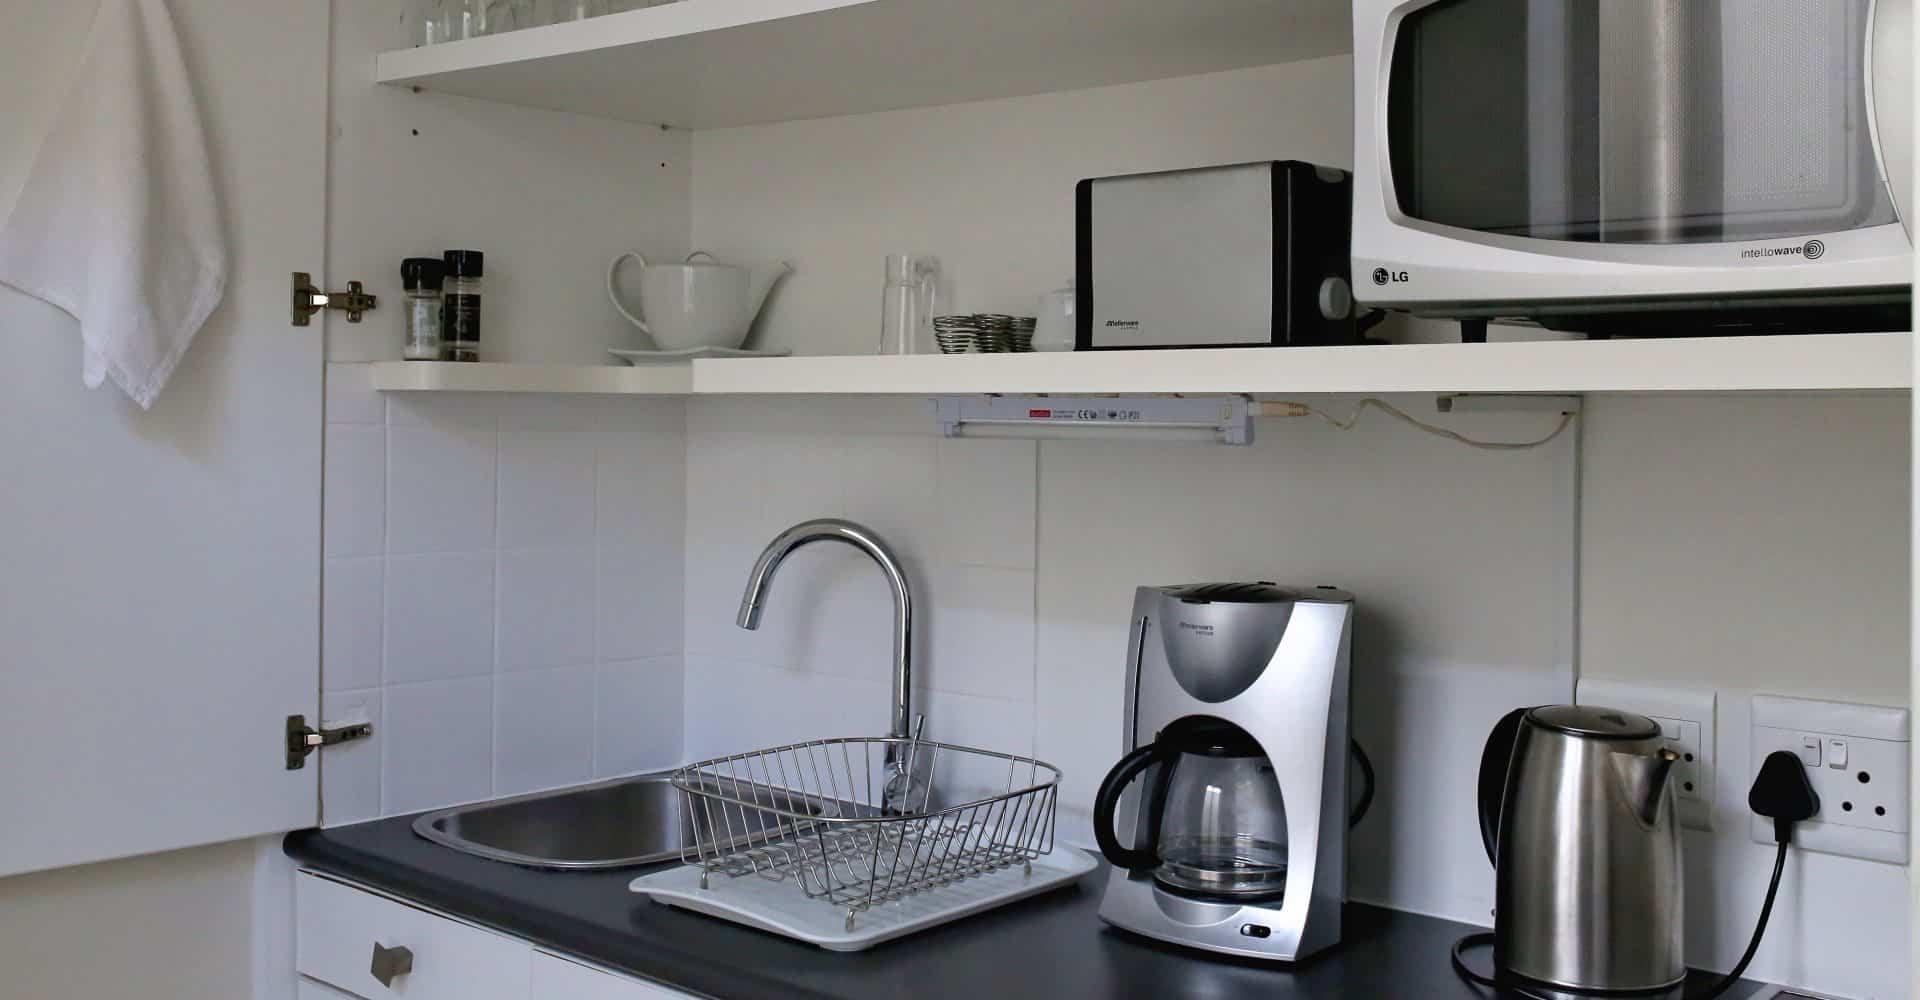 Voll ausgestattete Kuechenzeile in den Appartements - kitchenette in apartments